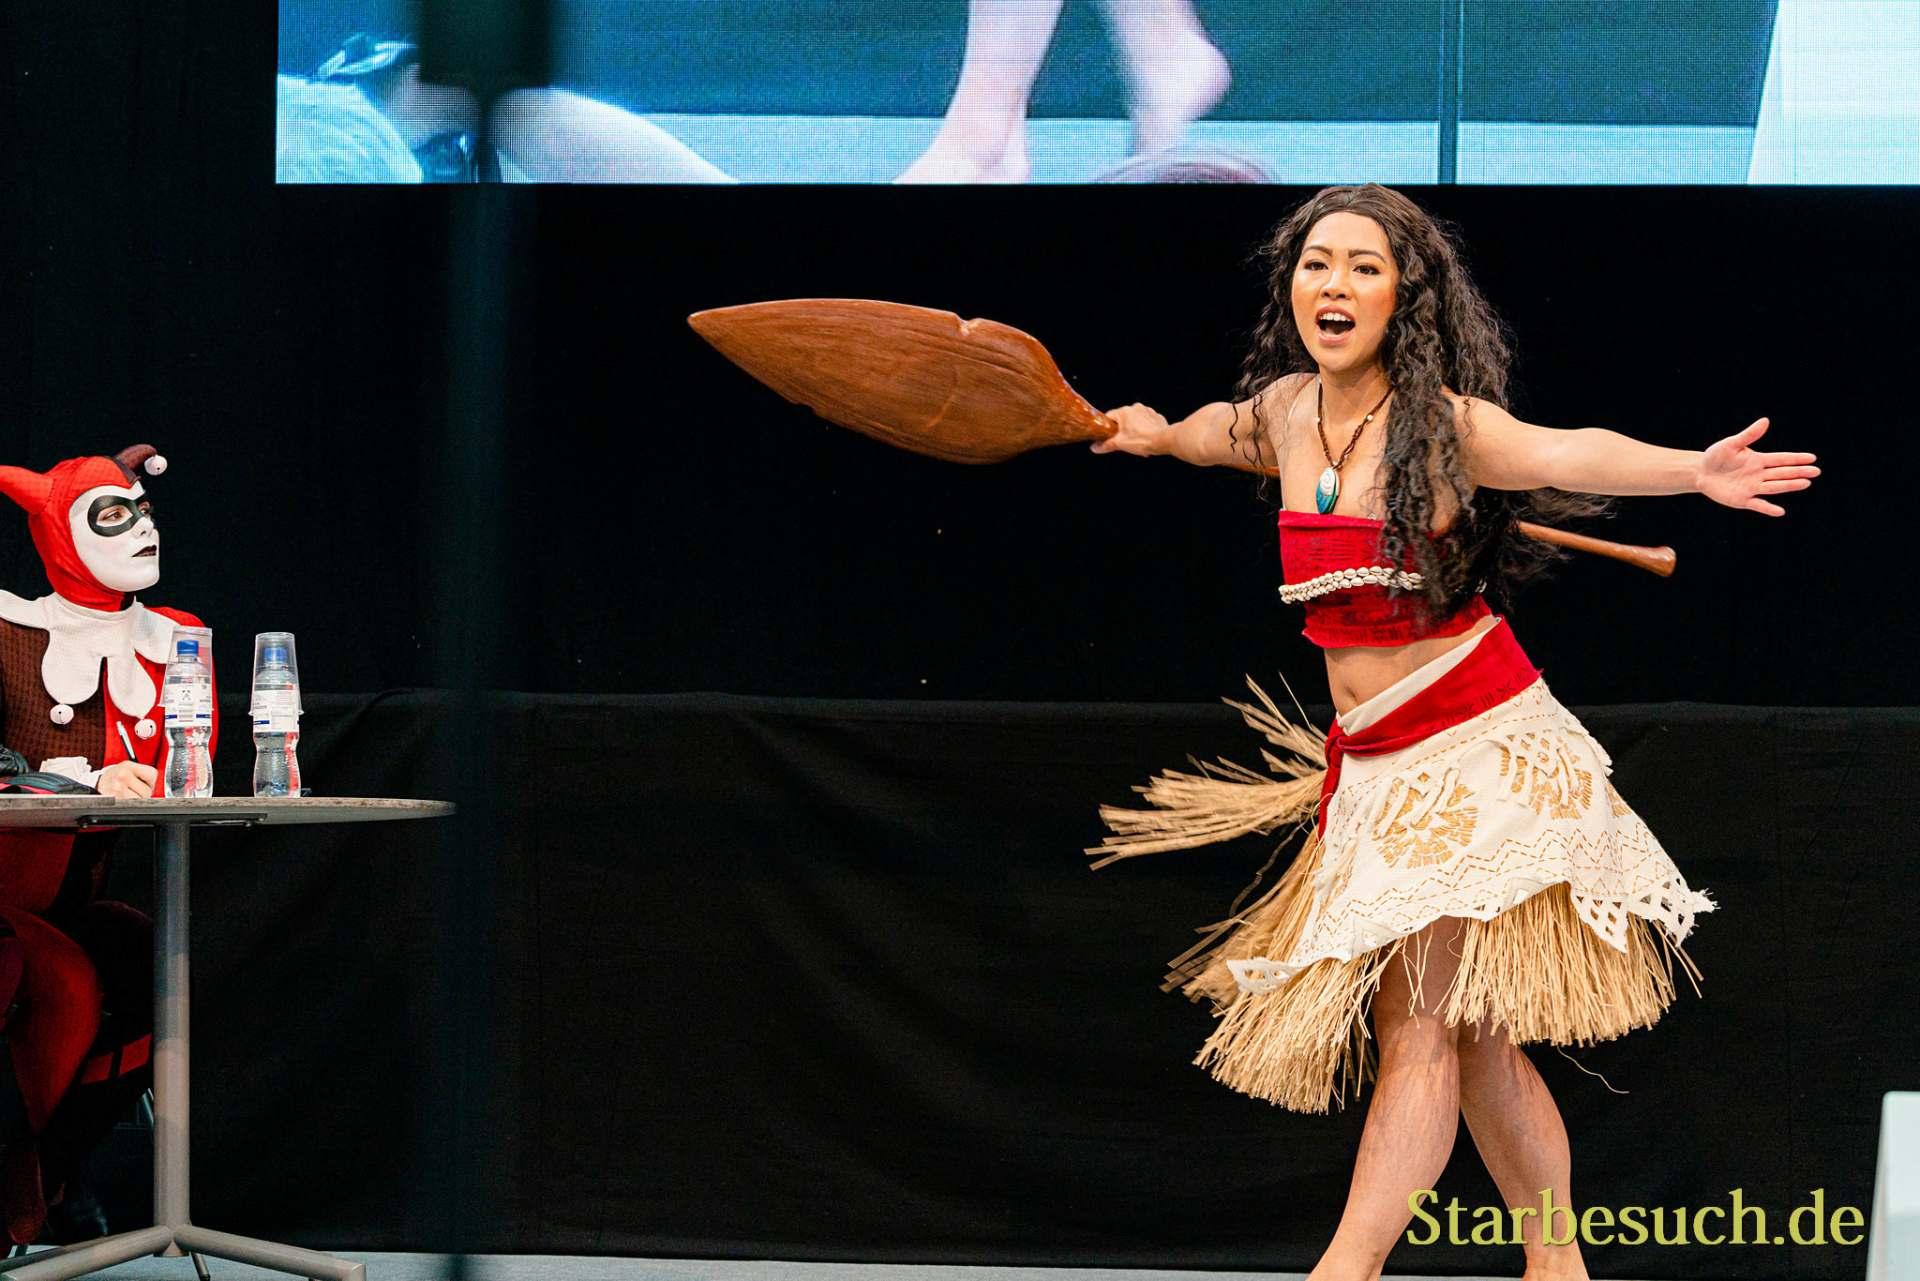 Cosplay Contest #8: Kazenary as Vaiana from Disneys Vaiana